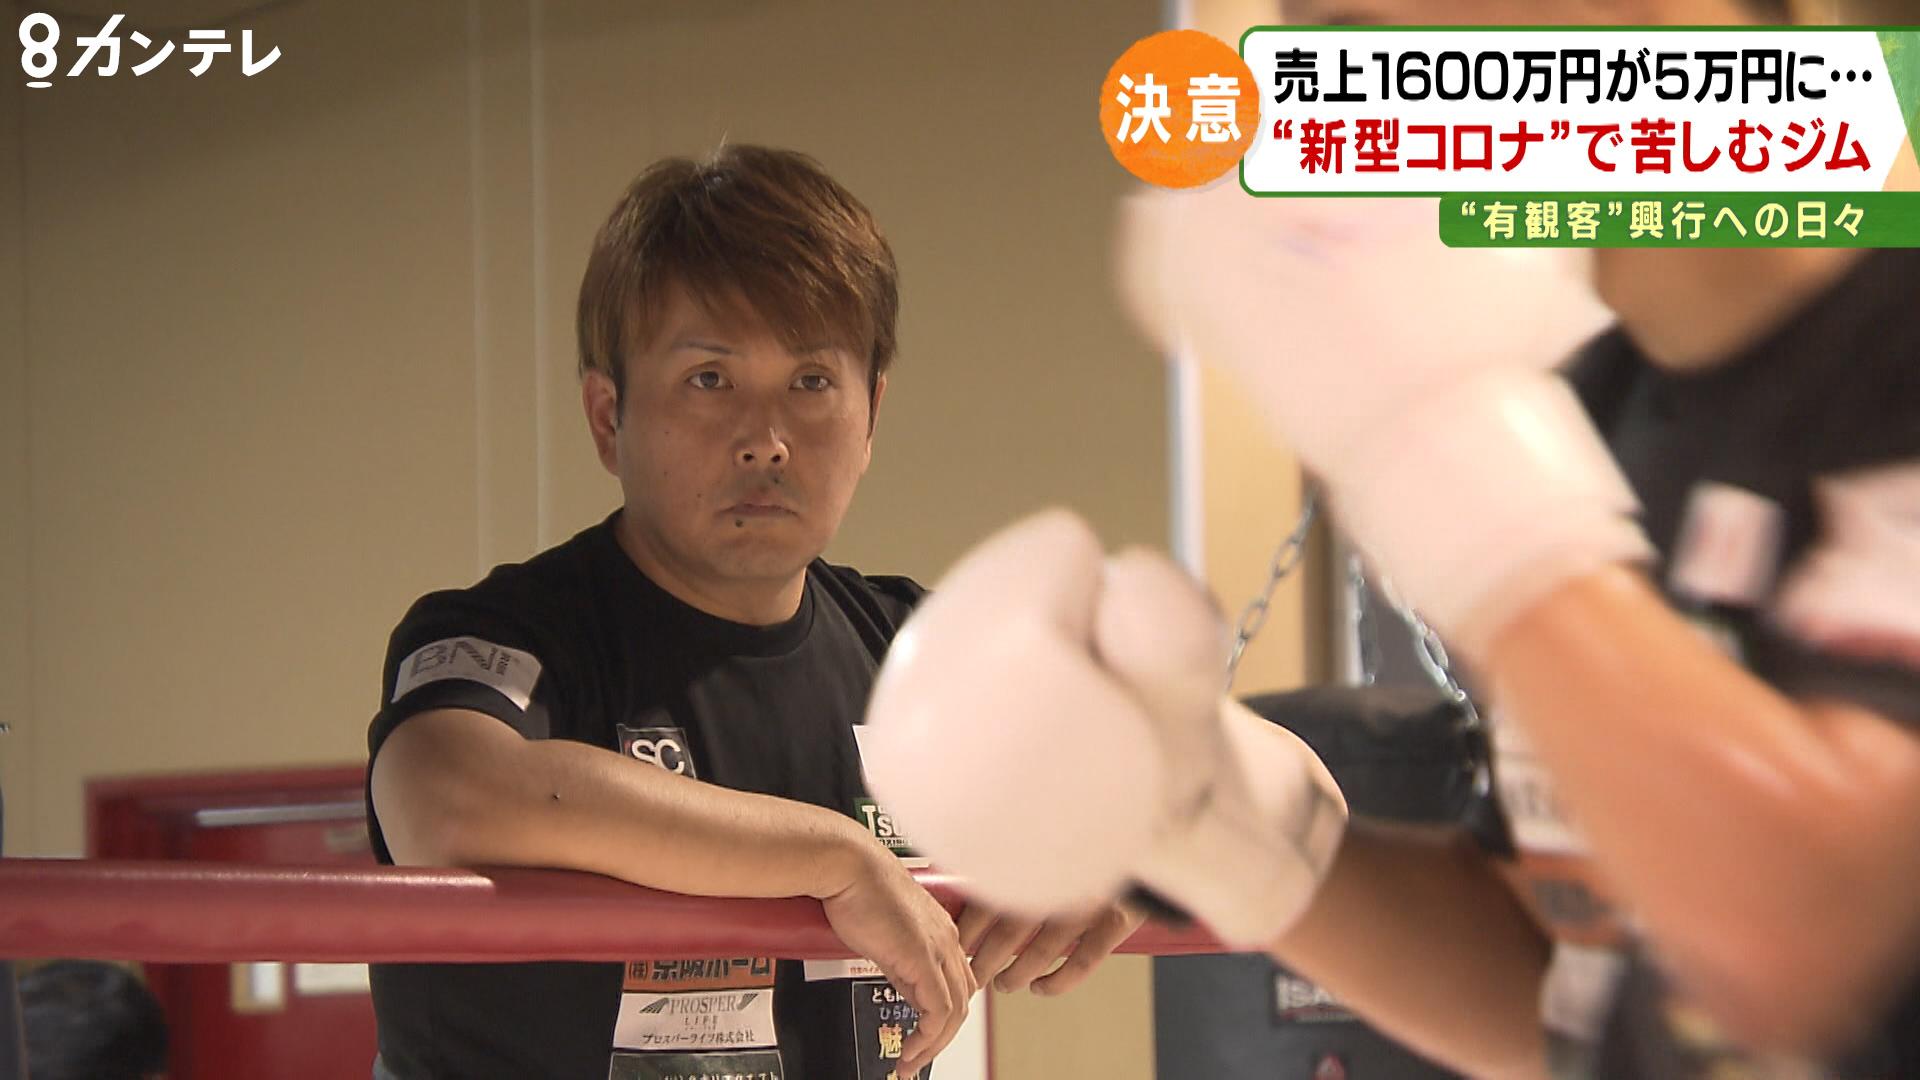 売上1600万円が「5万円」に…それでも『ボクサーに夢と目標を』 名門ボクシングジムの会長が挑んだ